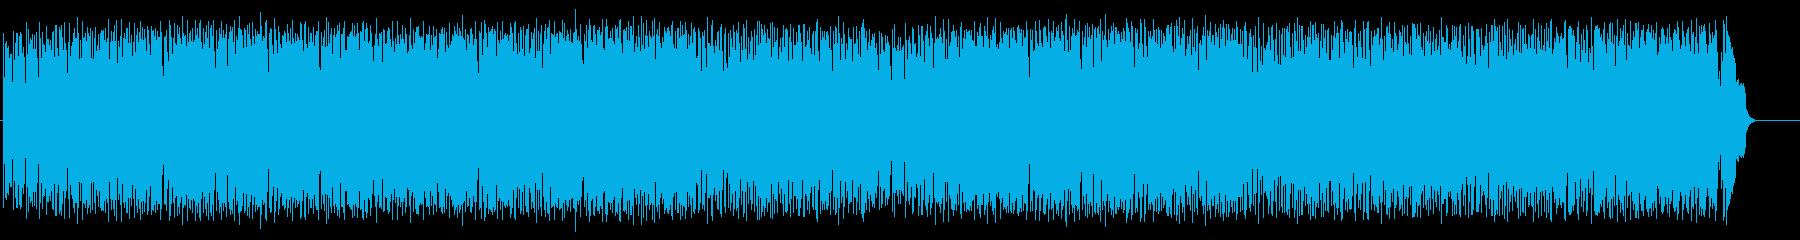 前向きなフュージョン(フルサイズ)の再生済みの波形